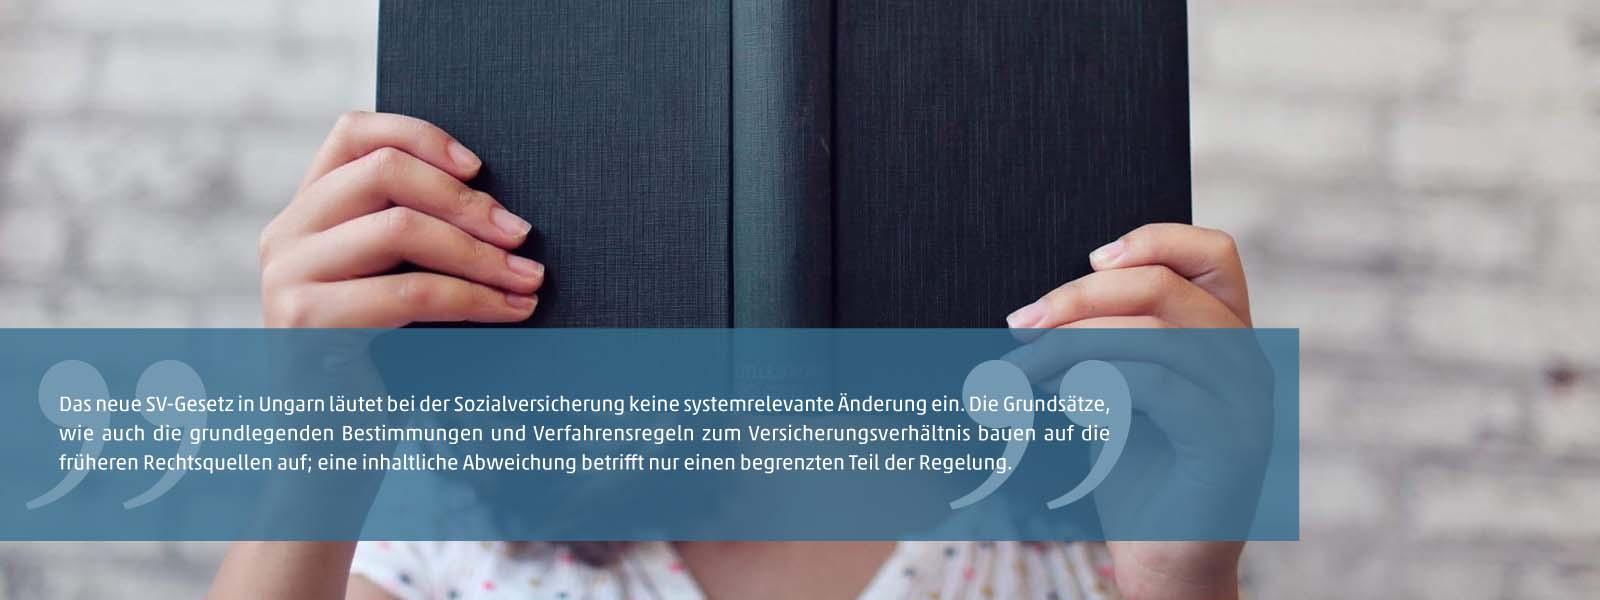 Am 1. Juli tritt in Ungarn das neue SV-Gesetz in Kraft